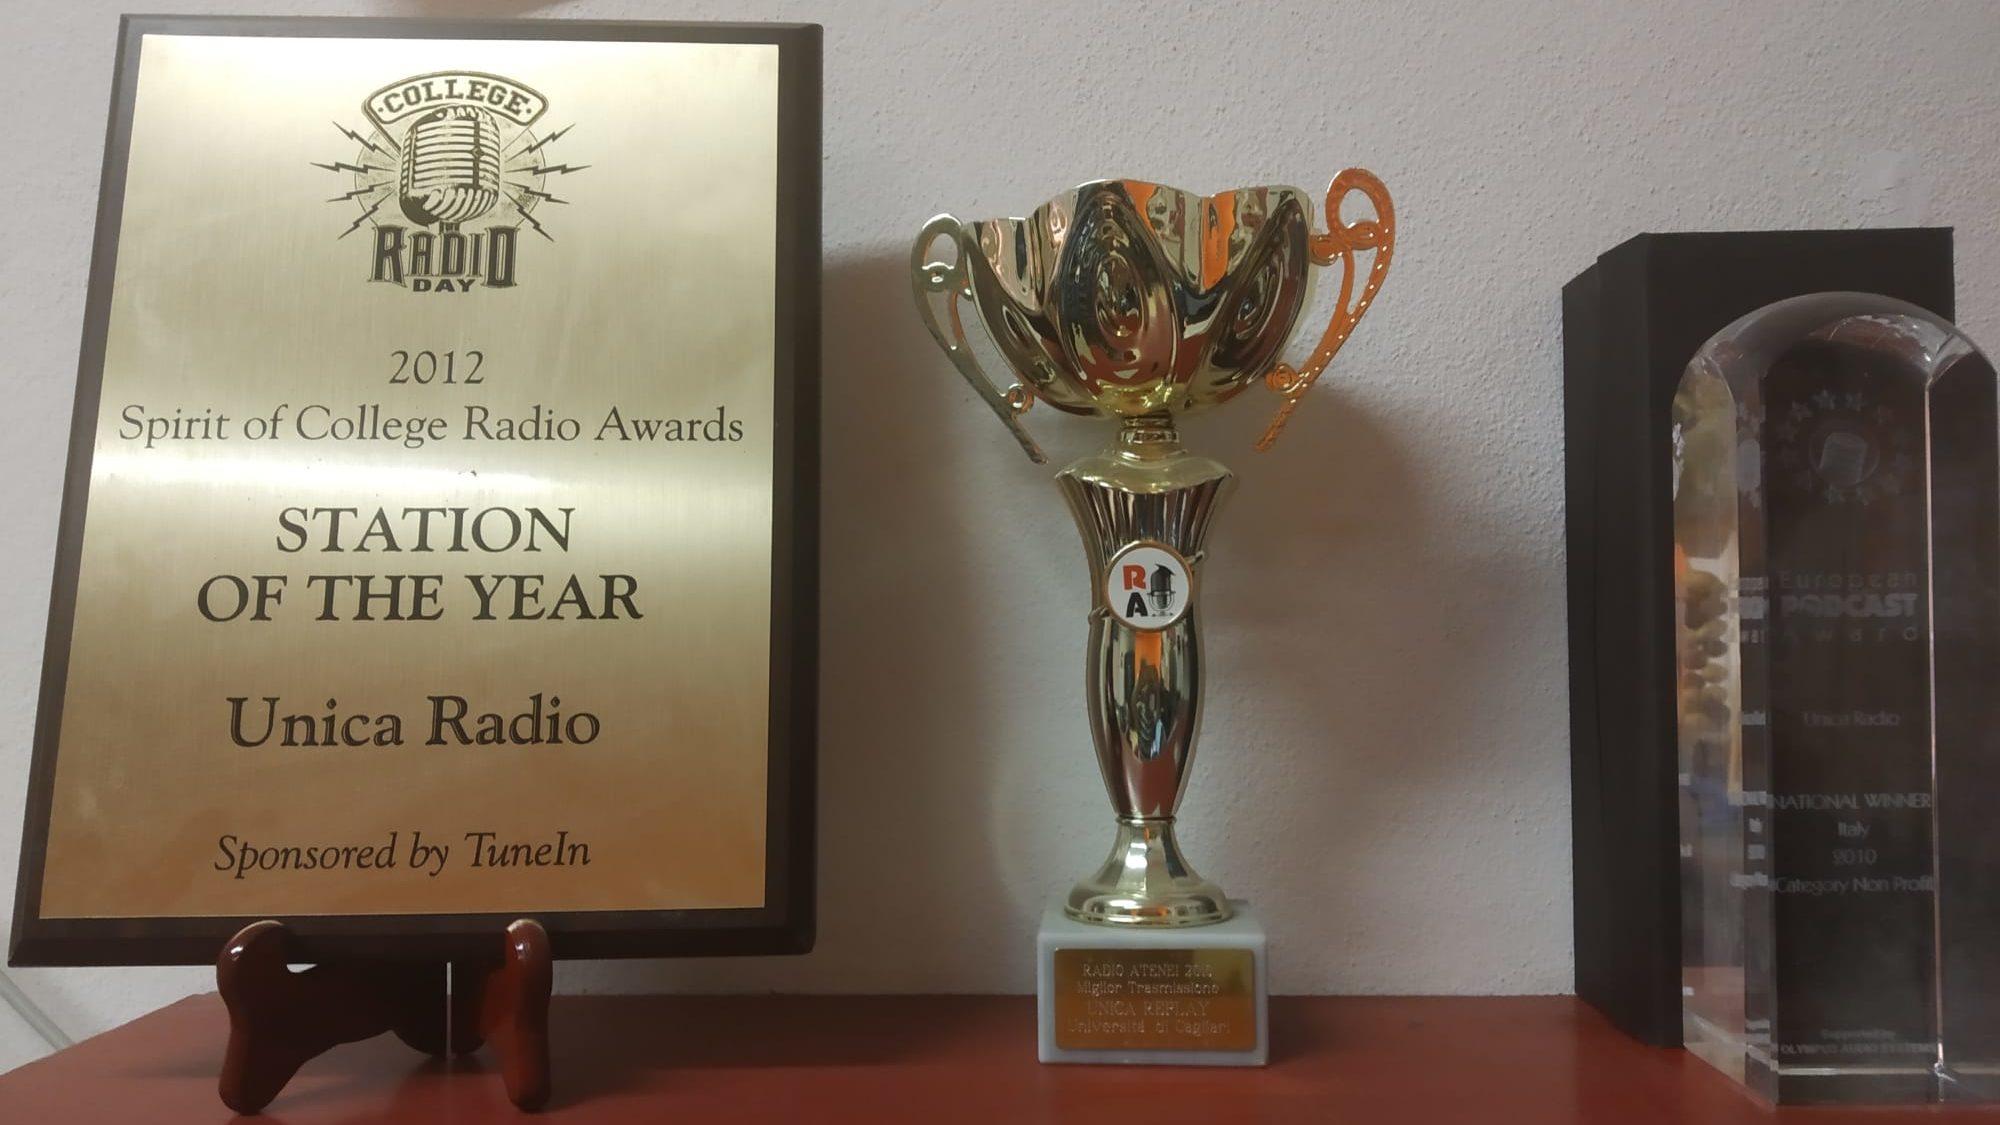 """6a0017d3 b03d 4bad a83d 102274c46579 edited Unica Radio premio """"Miglior Radio Studentesca italiana del 2020"""""""